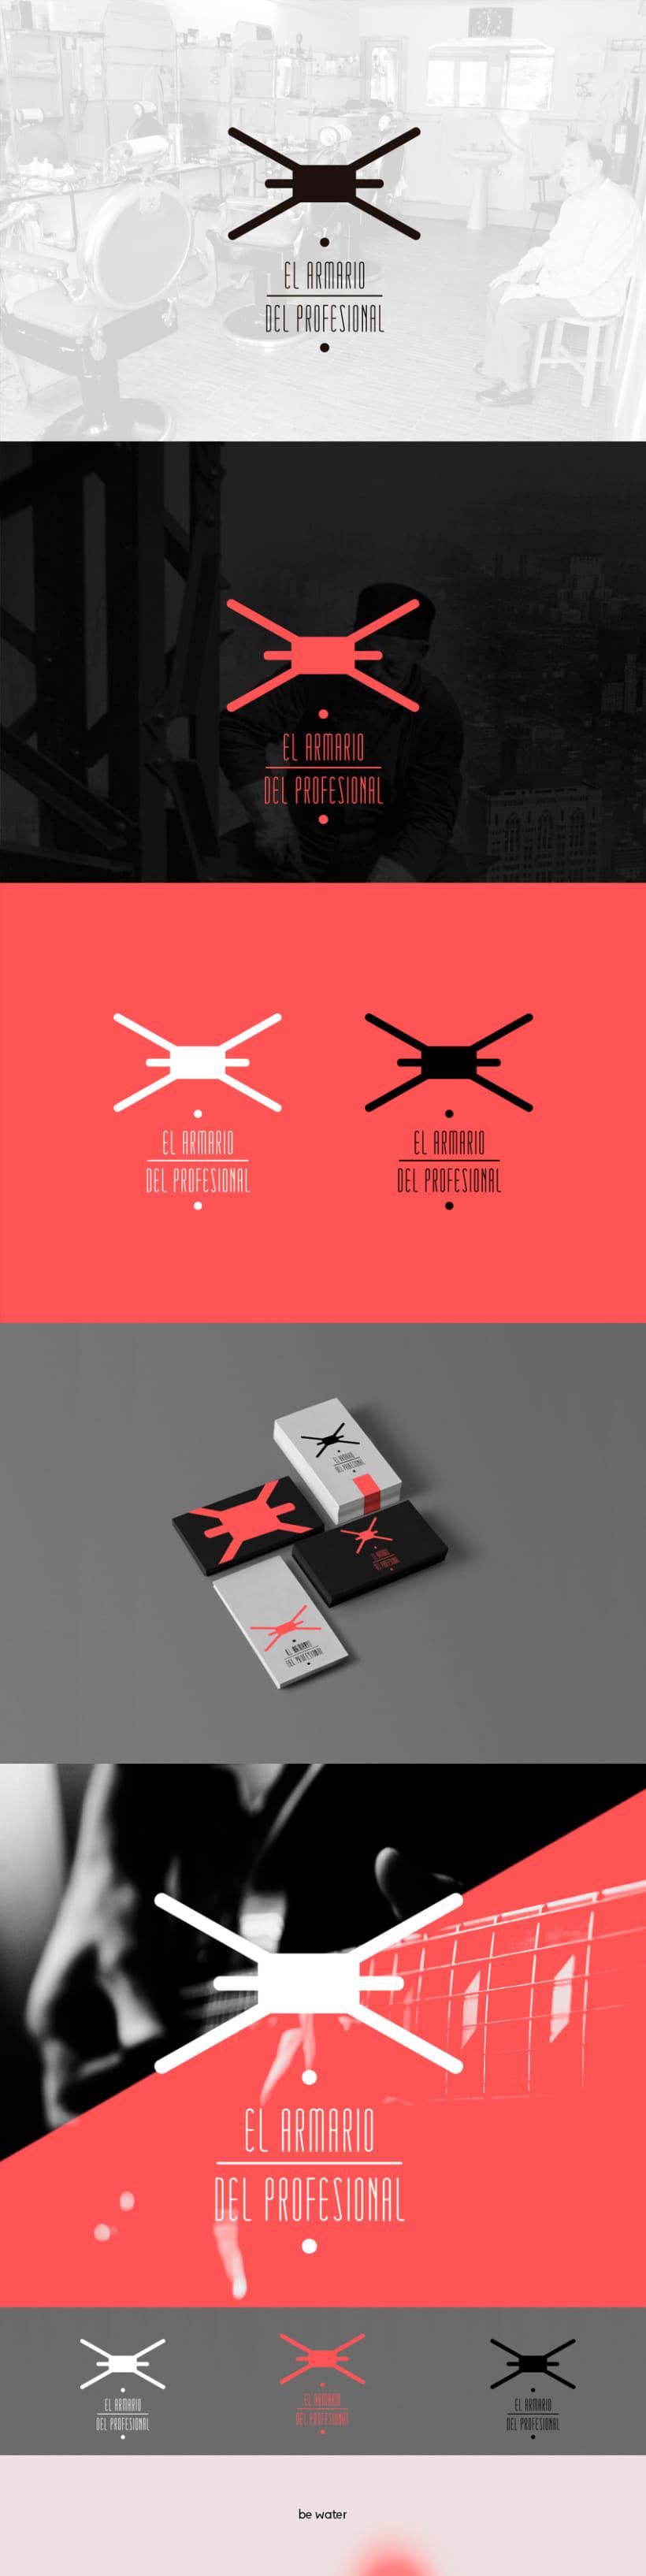 """Logotipo """"El Armario del Profesional"""" -1"""